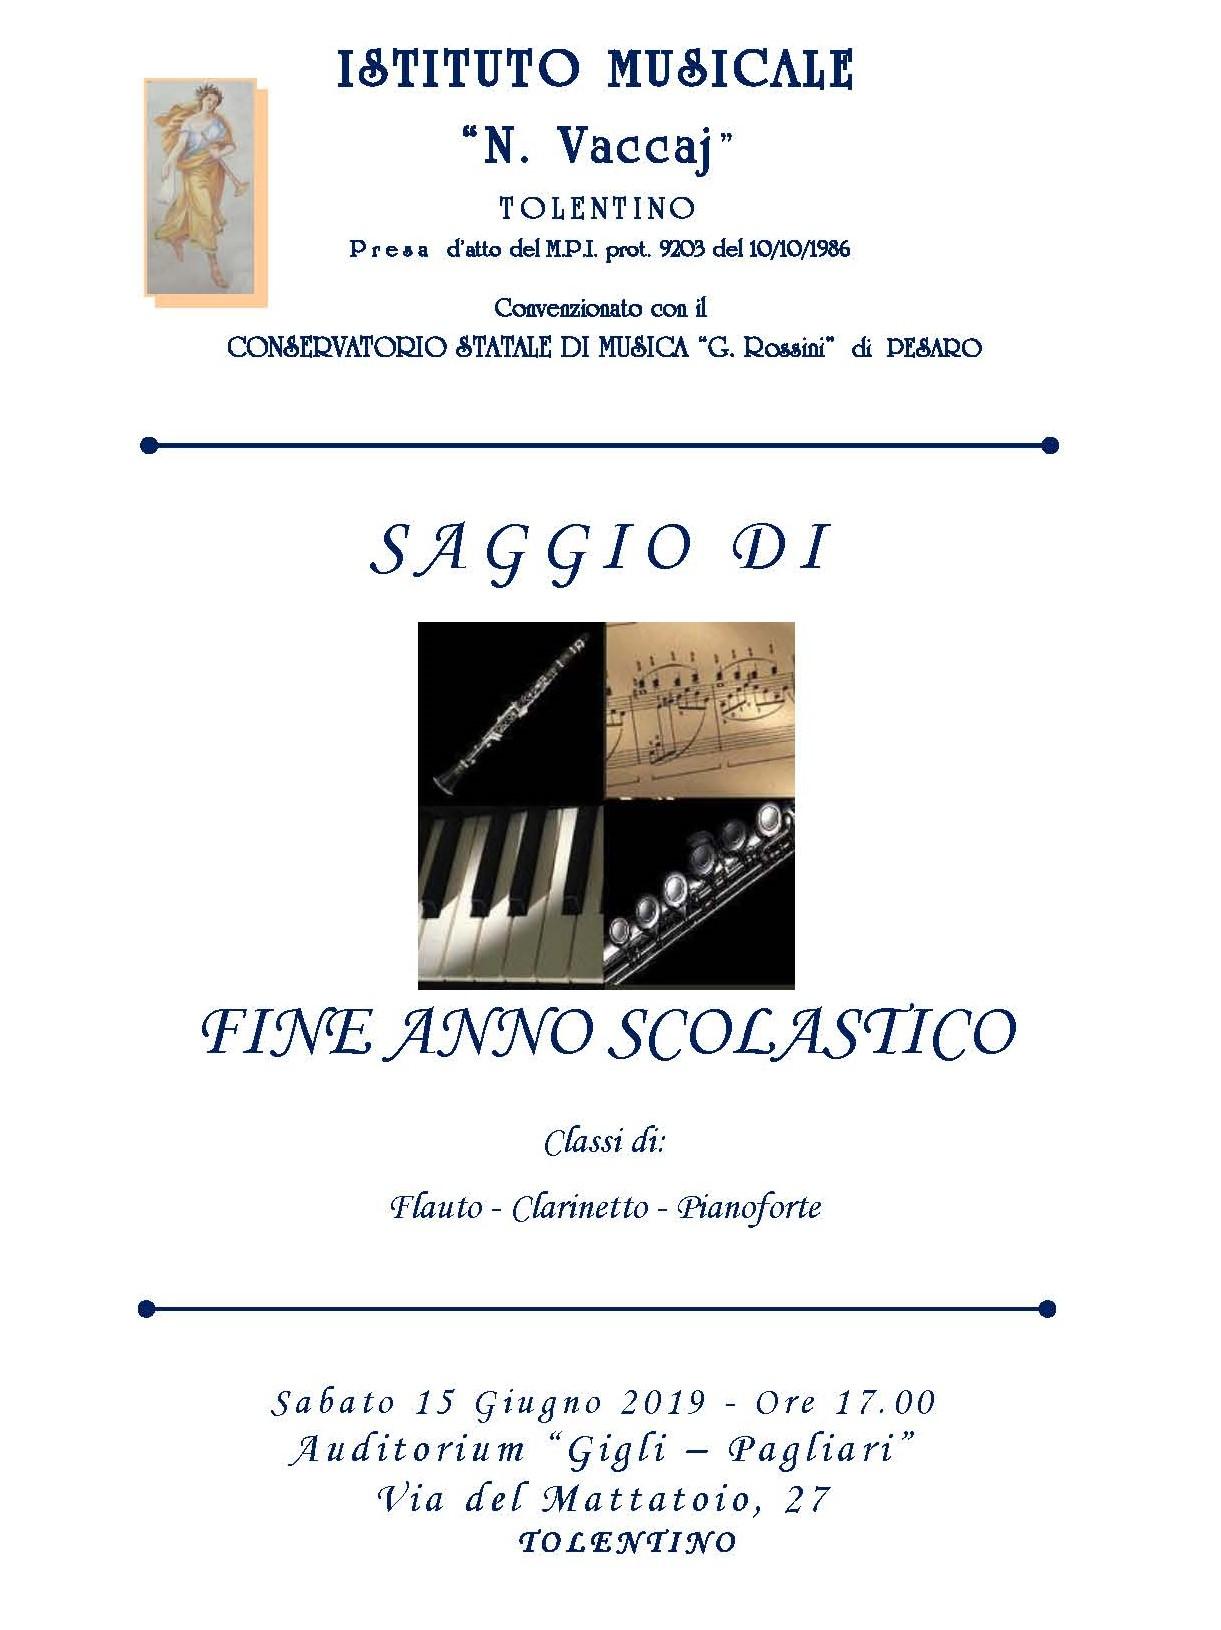 Saggio-15_giugno_2019_finale_Pagina_1